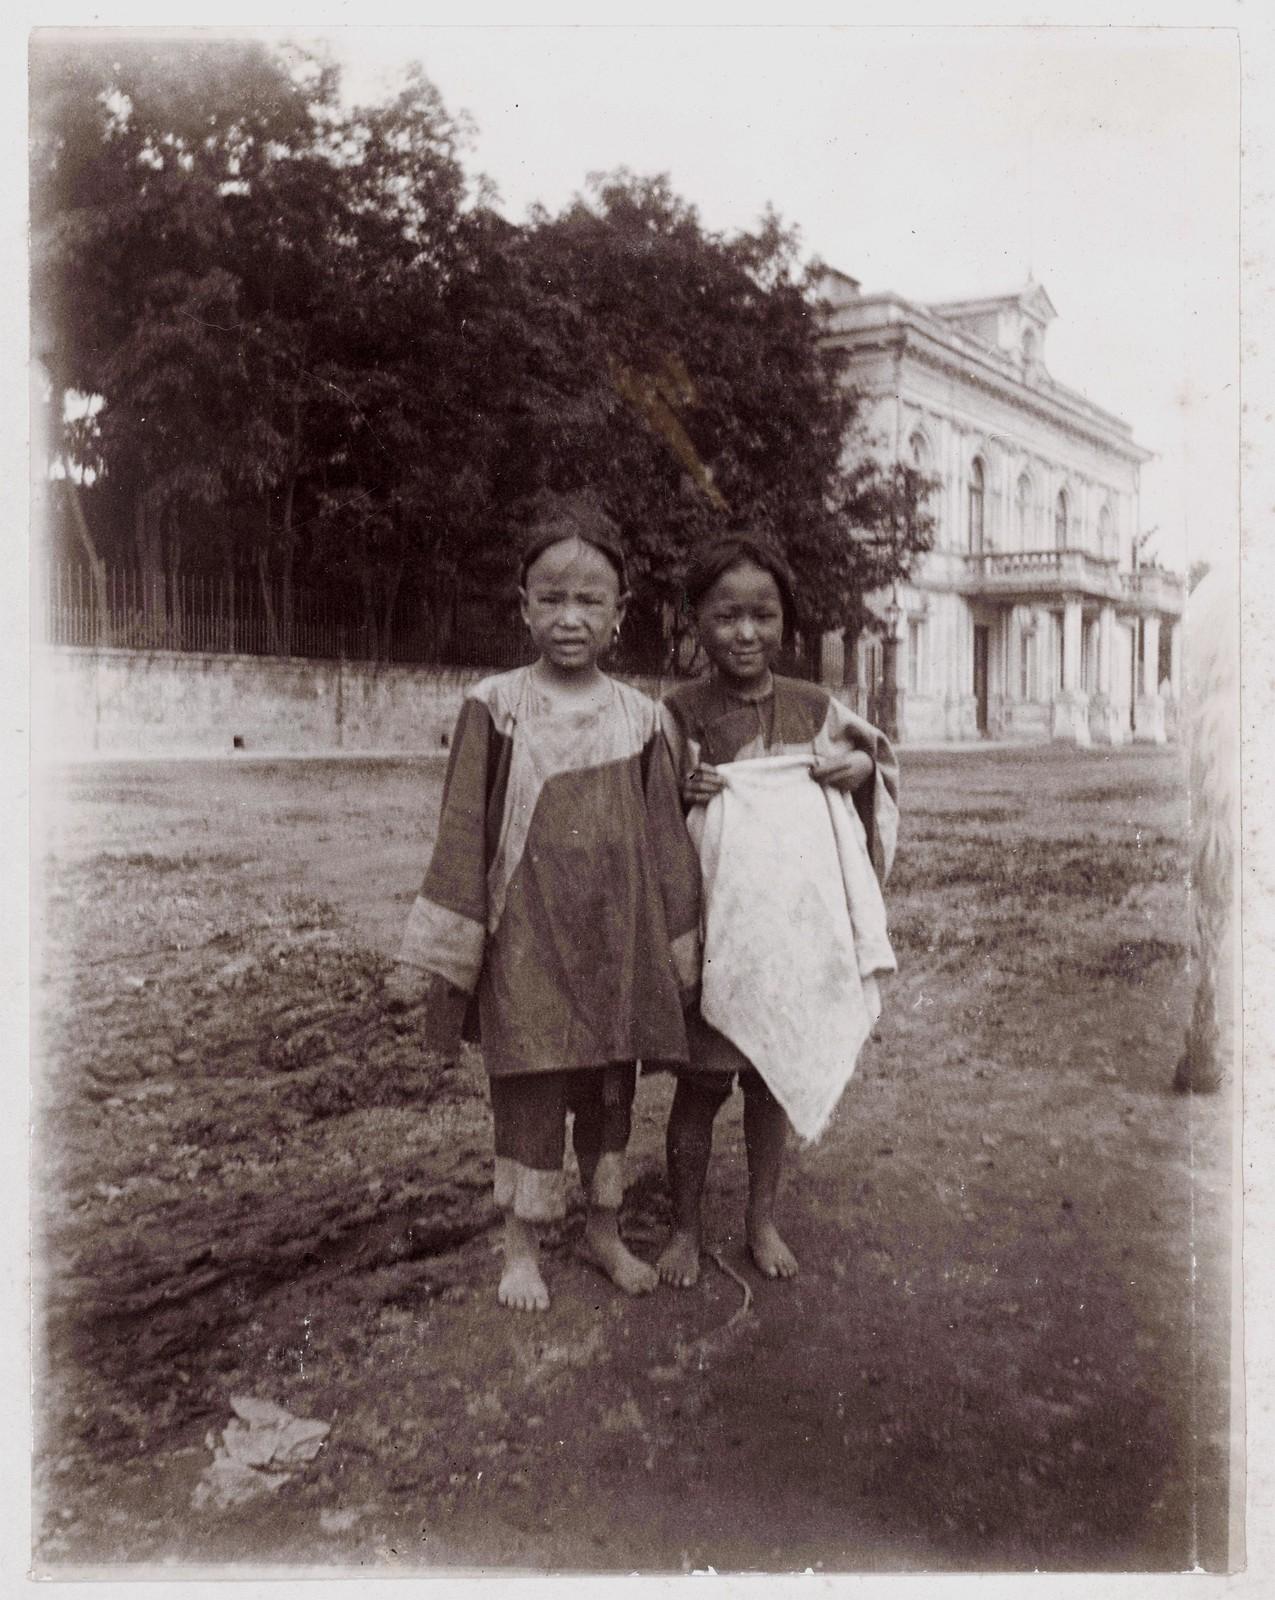 Двое босоногих детей стоят на грязной улице перед большим домом Линдхольмов, улица Шефнеровская